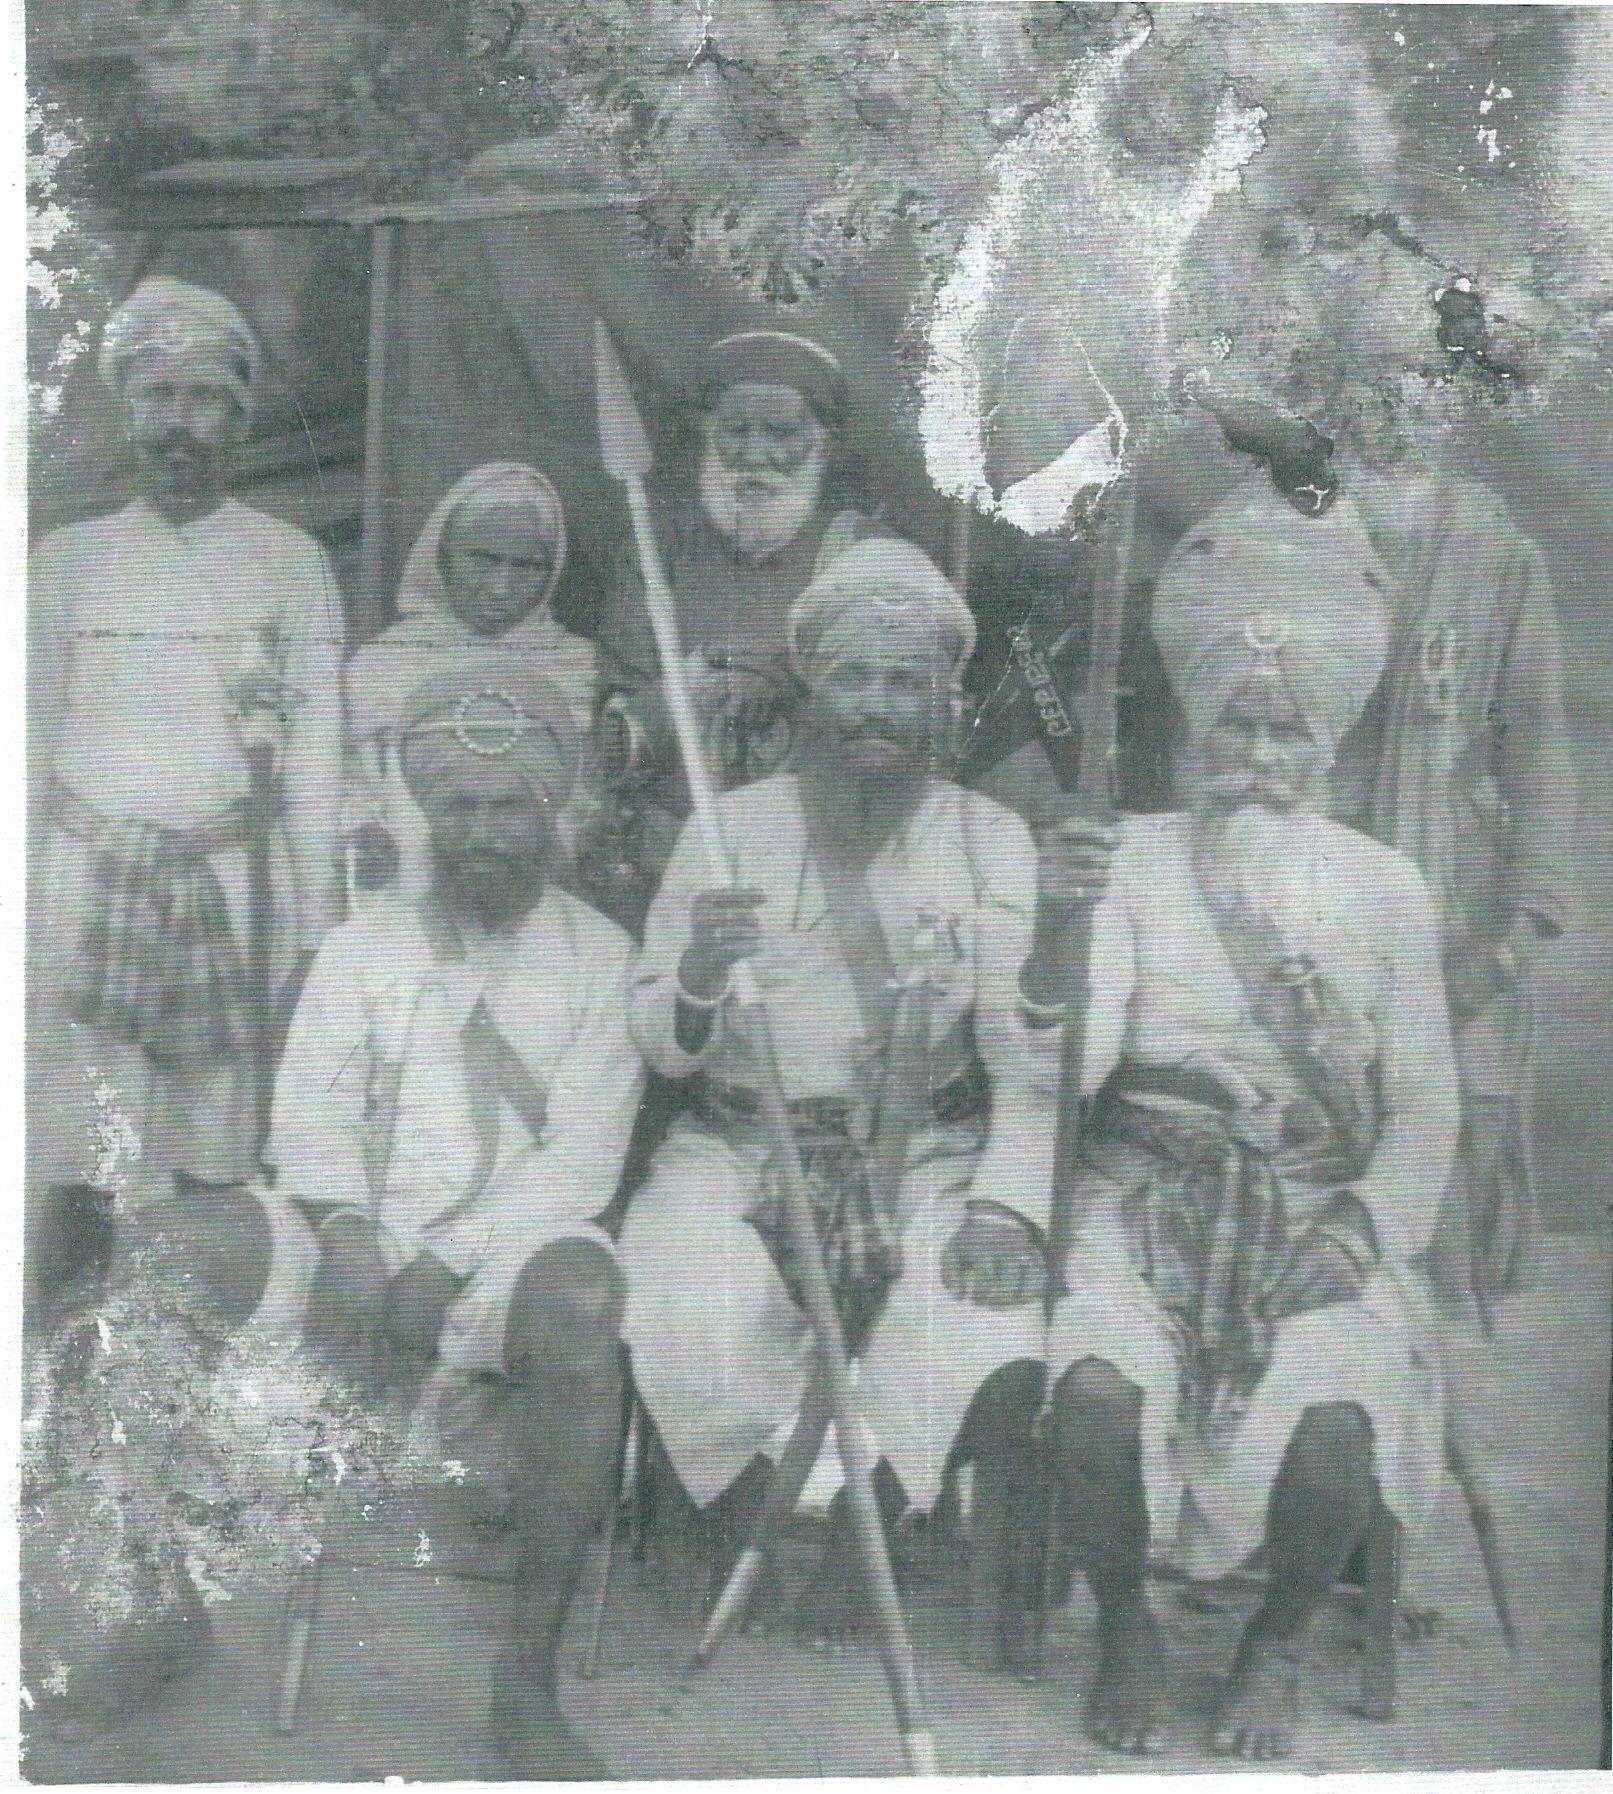 J Mohan Singh